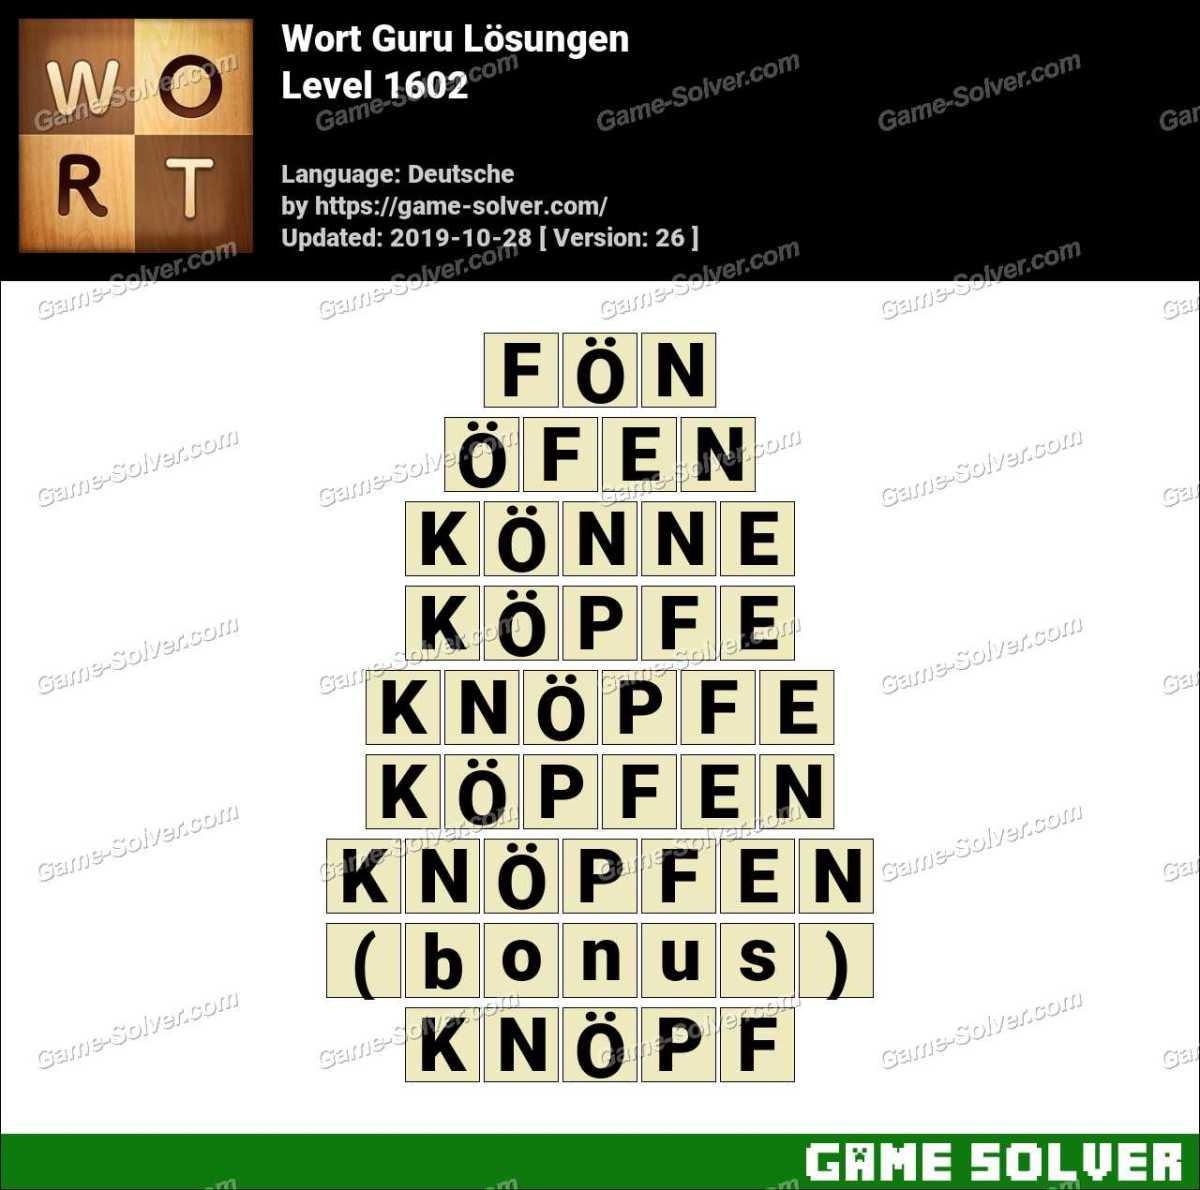 Wort Guru Level 1602 Lösungen